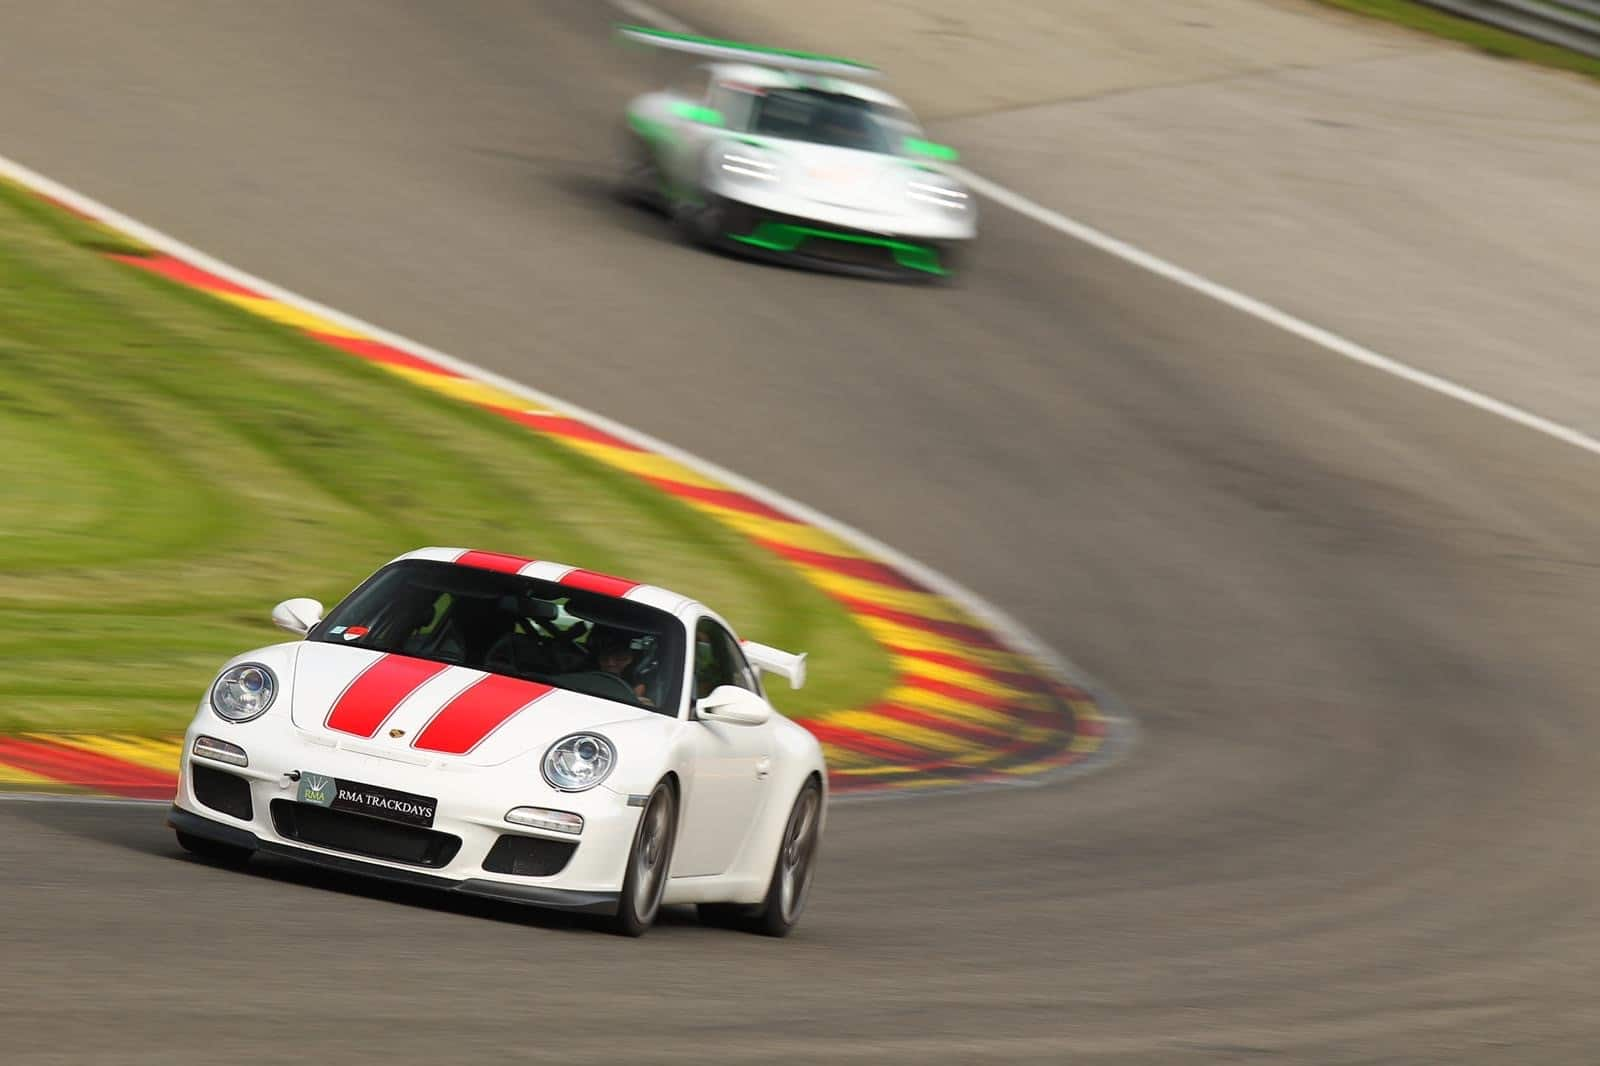 Racing a GT3 at Spa